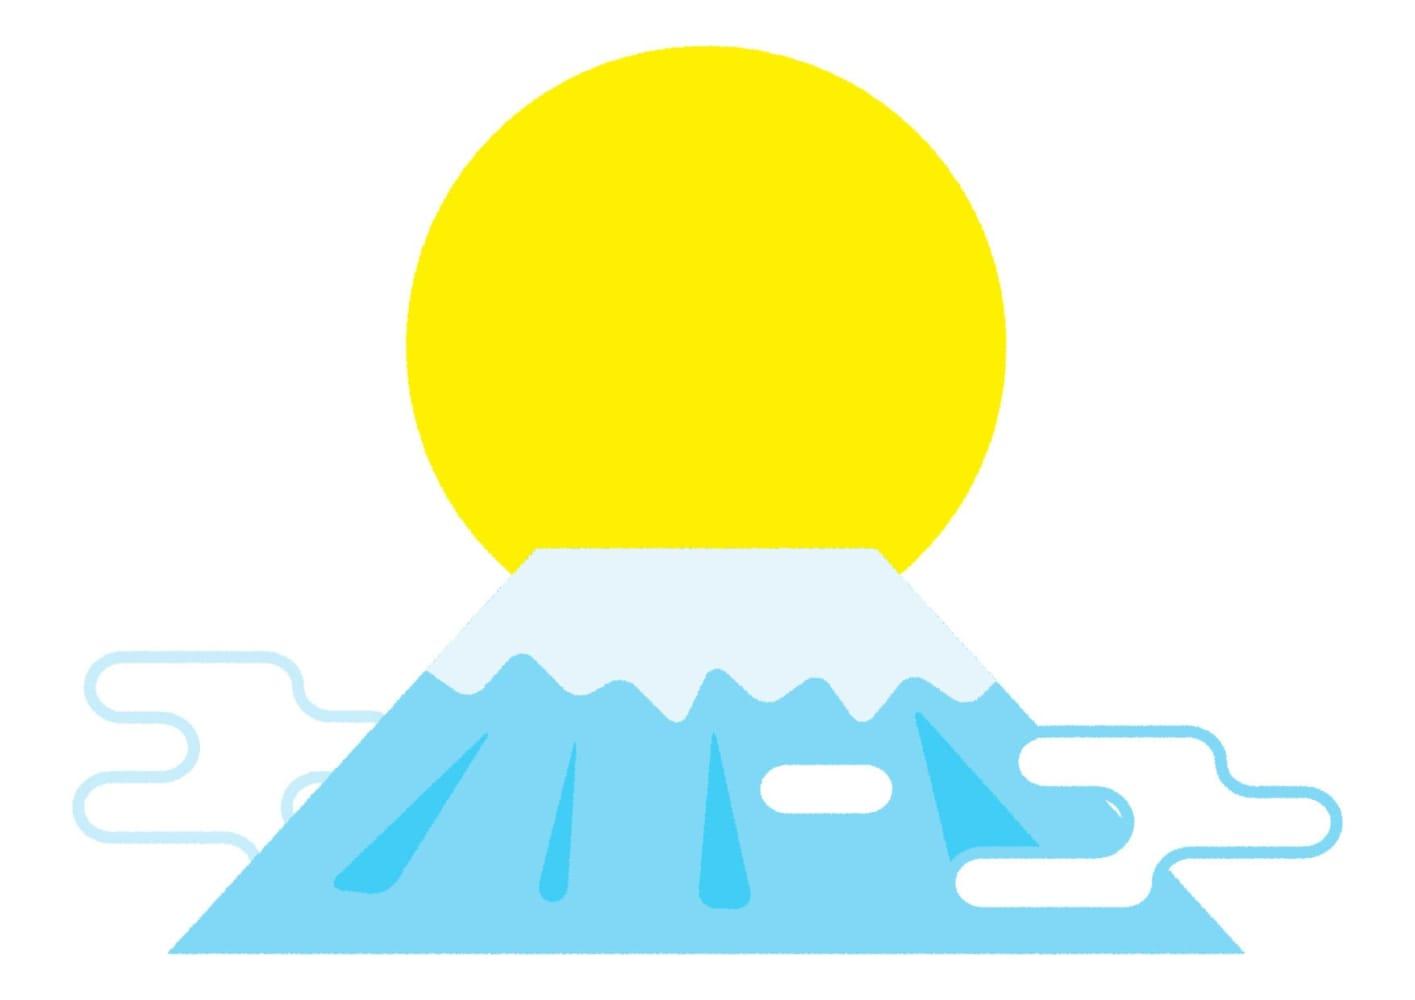 日の出 富士山 イラスト 無料